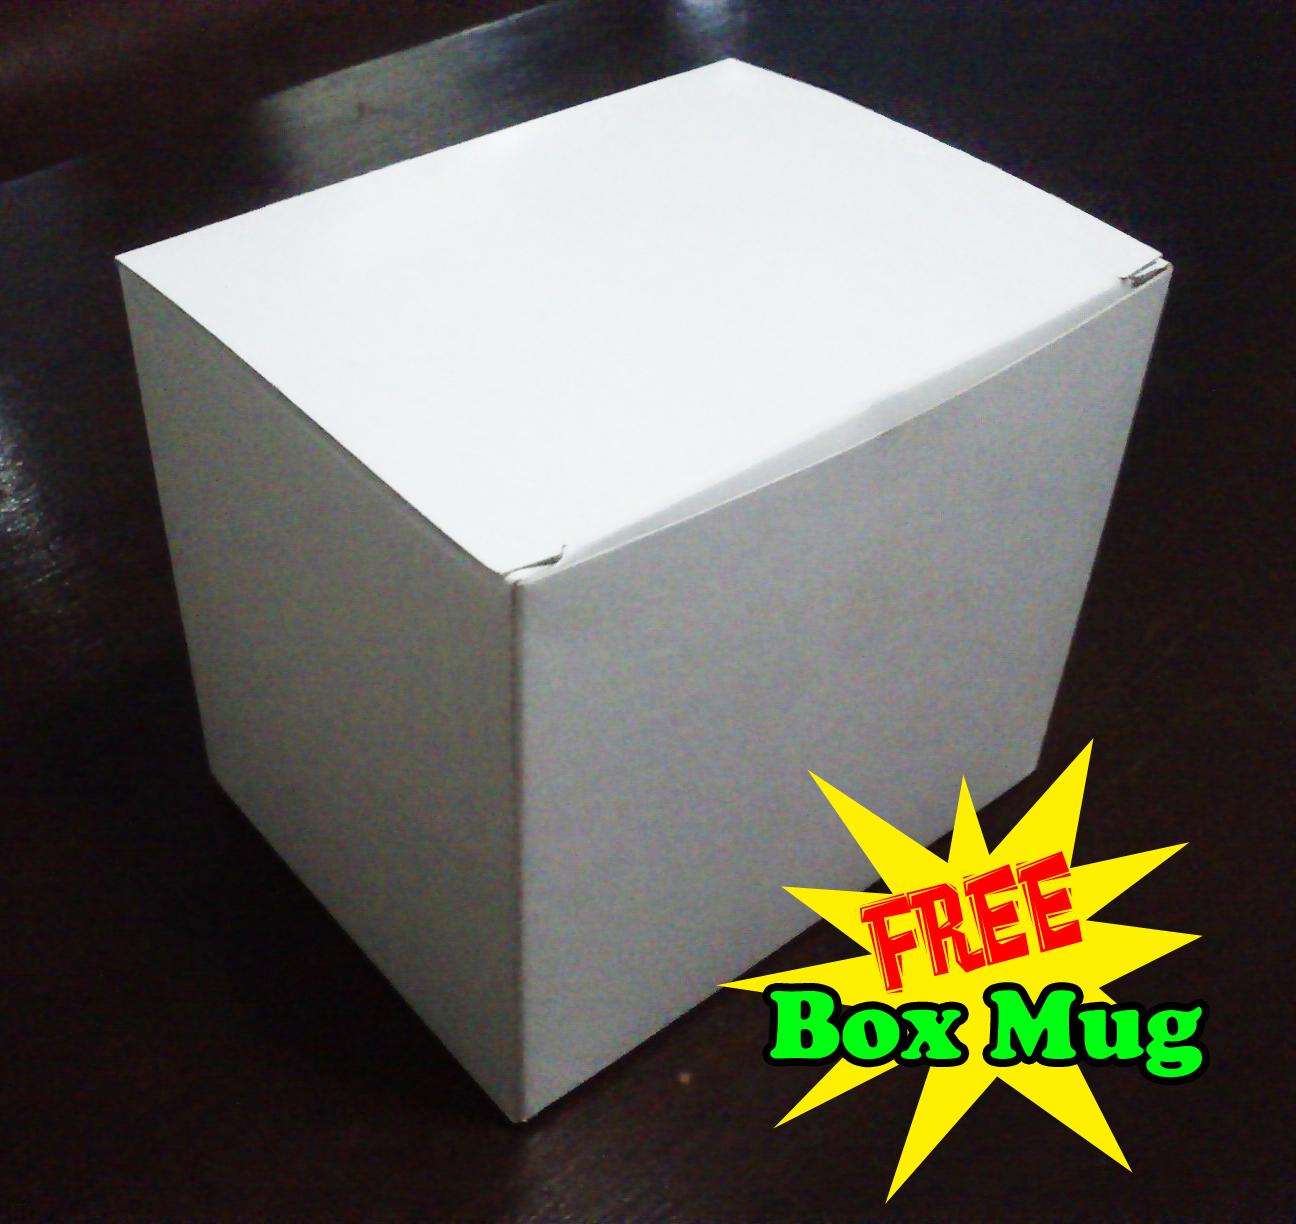 Free Box Mug